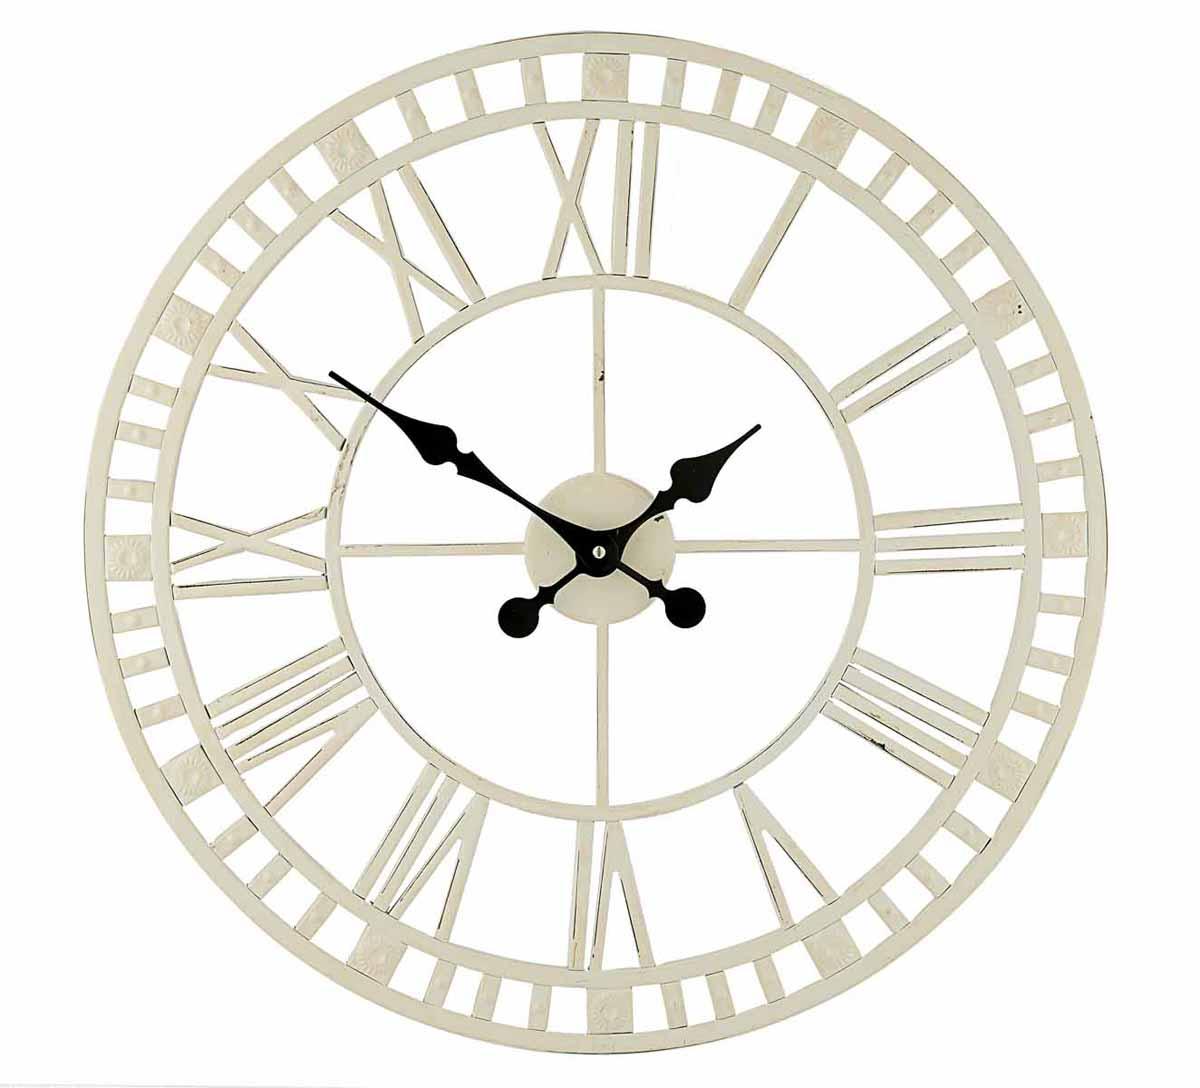 Часы настенные Gardman  Claremont , цвет: белый, диаметр 59 см. 17187 - Будильники